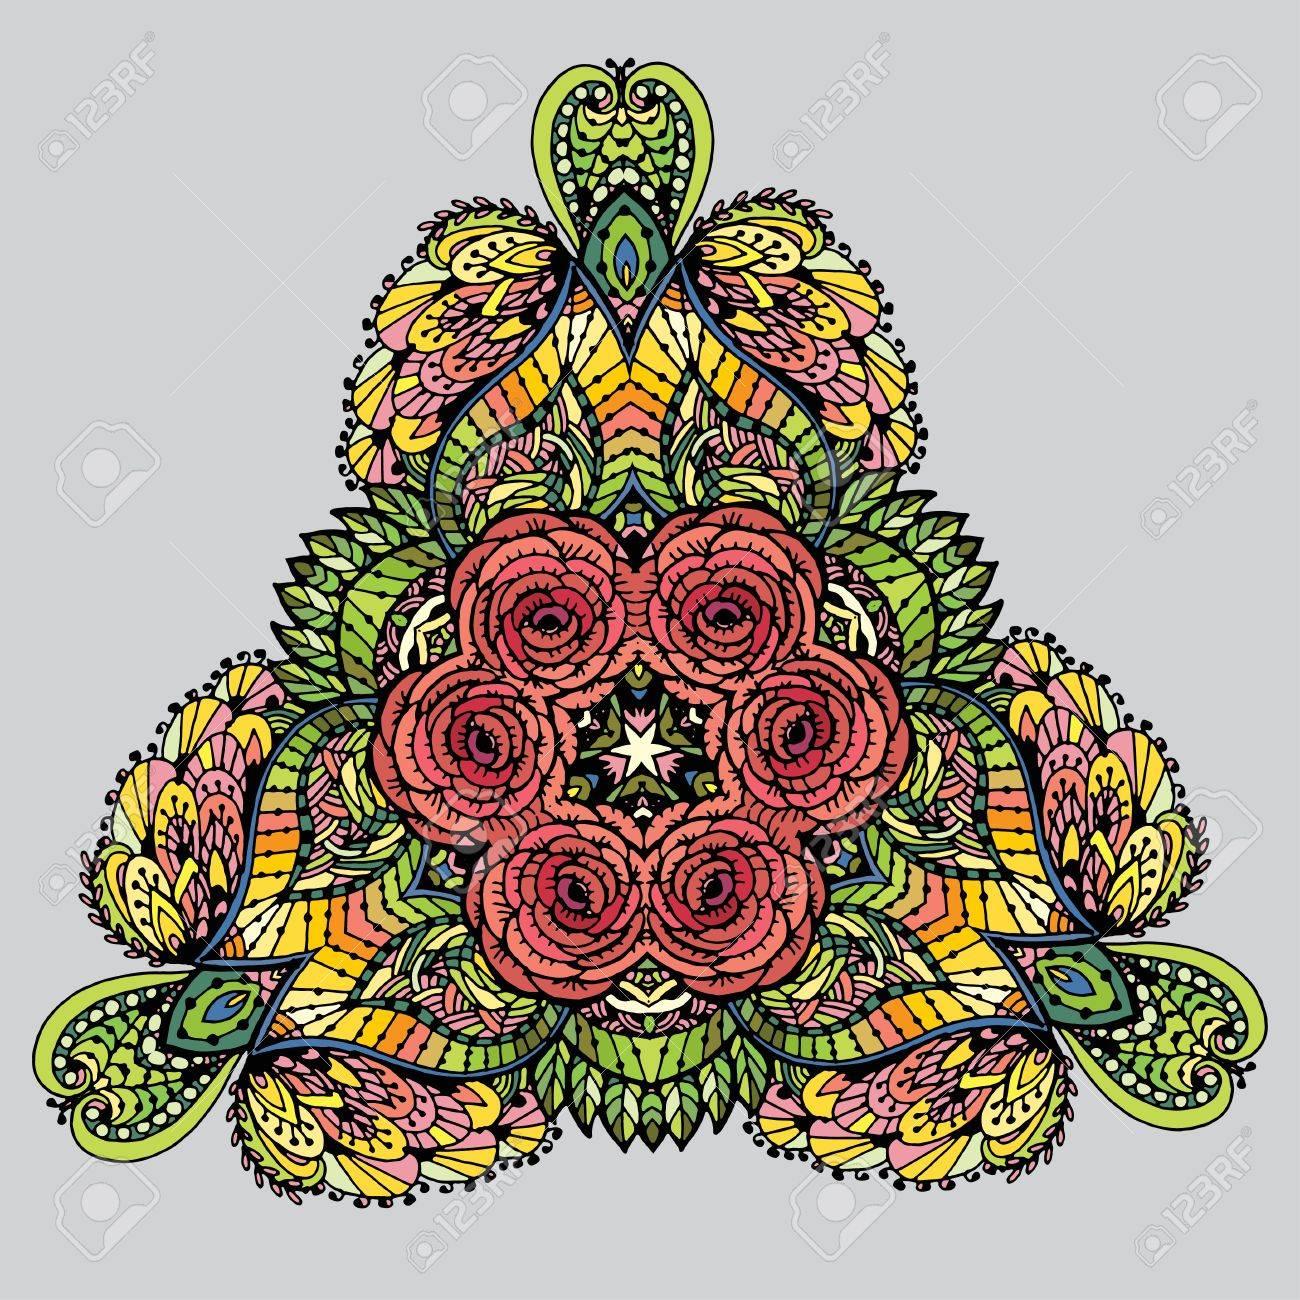 Imagen Vectorial Garabato, Dibujo Para Colorear La Mandala. Patrón ...